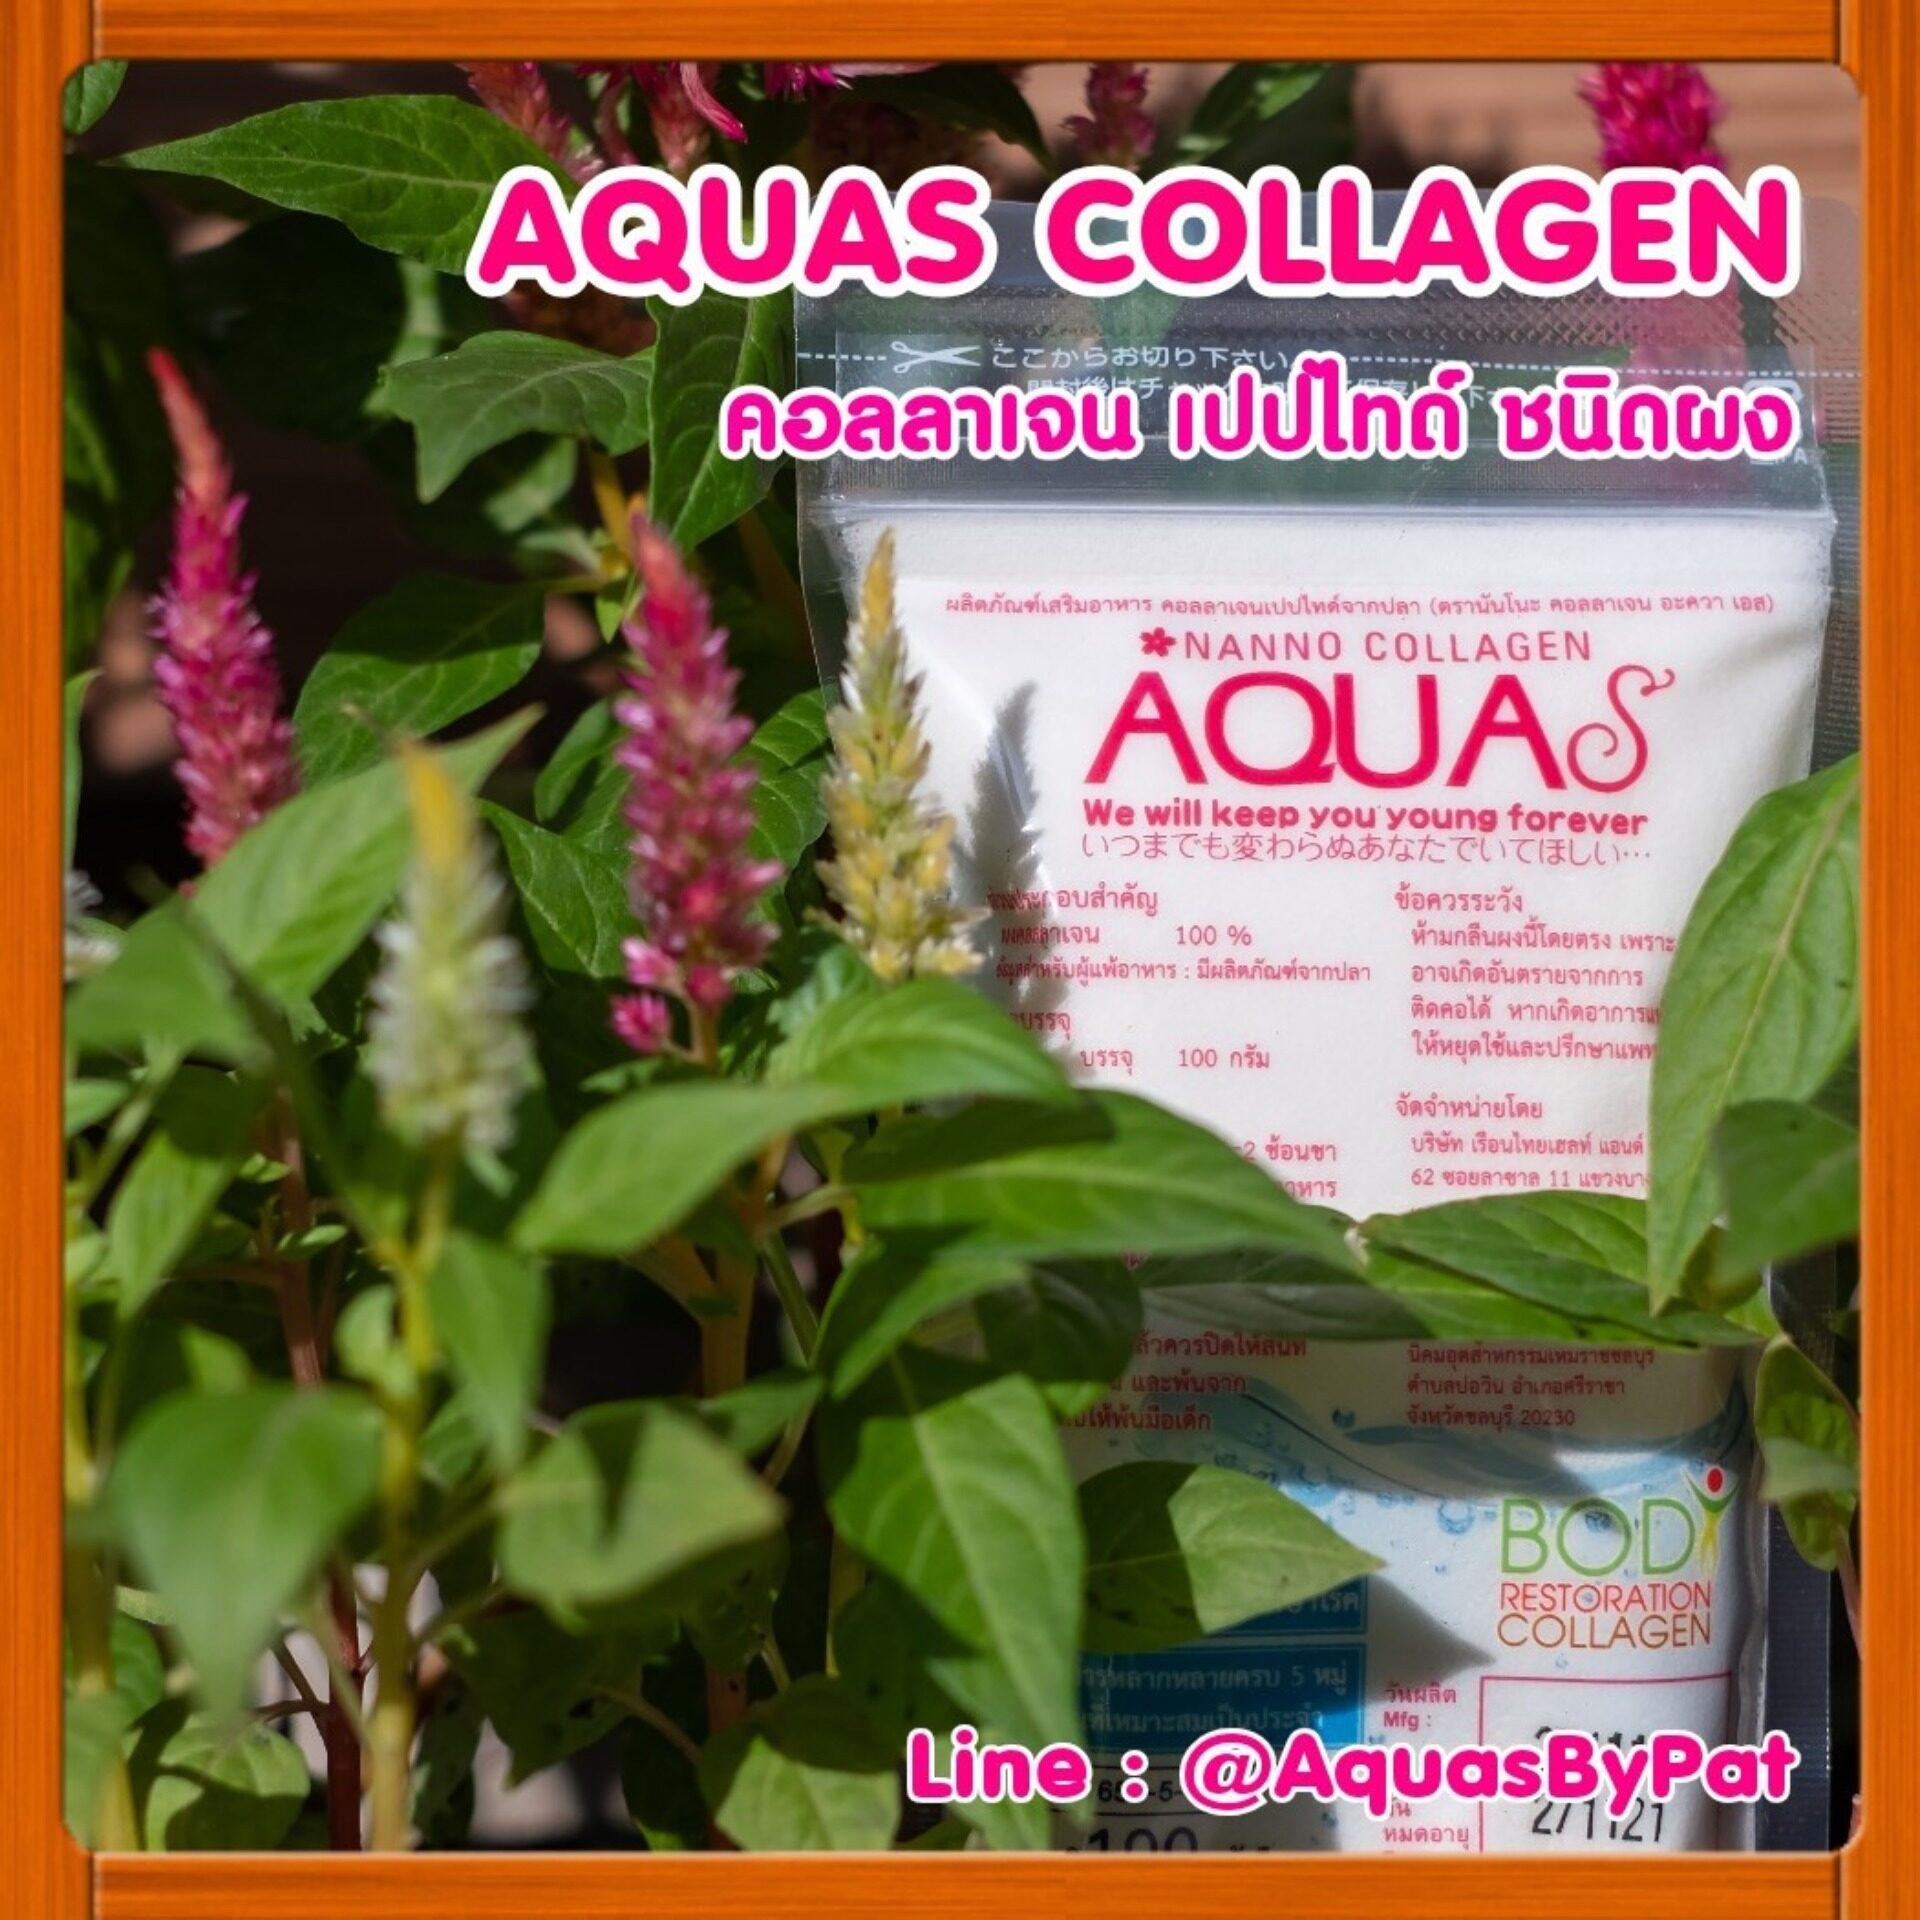 (6 ซอง) Nanno Collagen Aqua S (AquaS) นันโนะ คอลลาเจน อควาเอส 100 กรัม